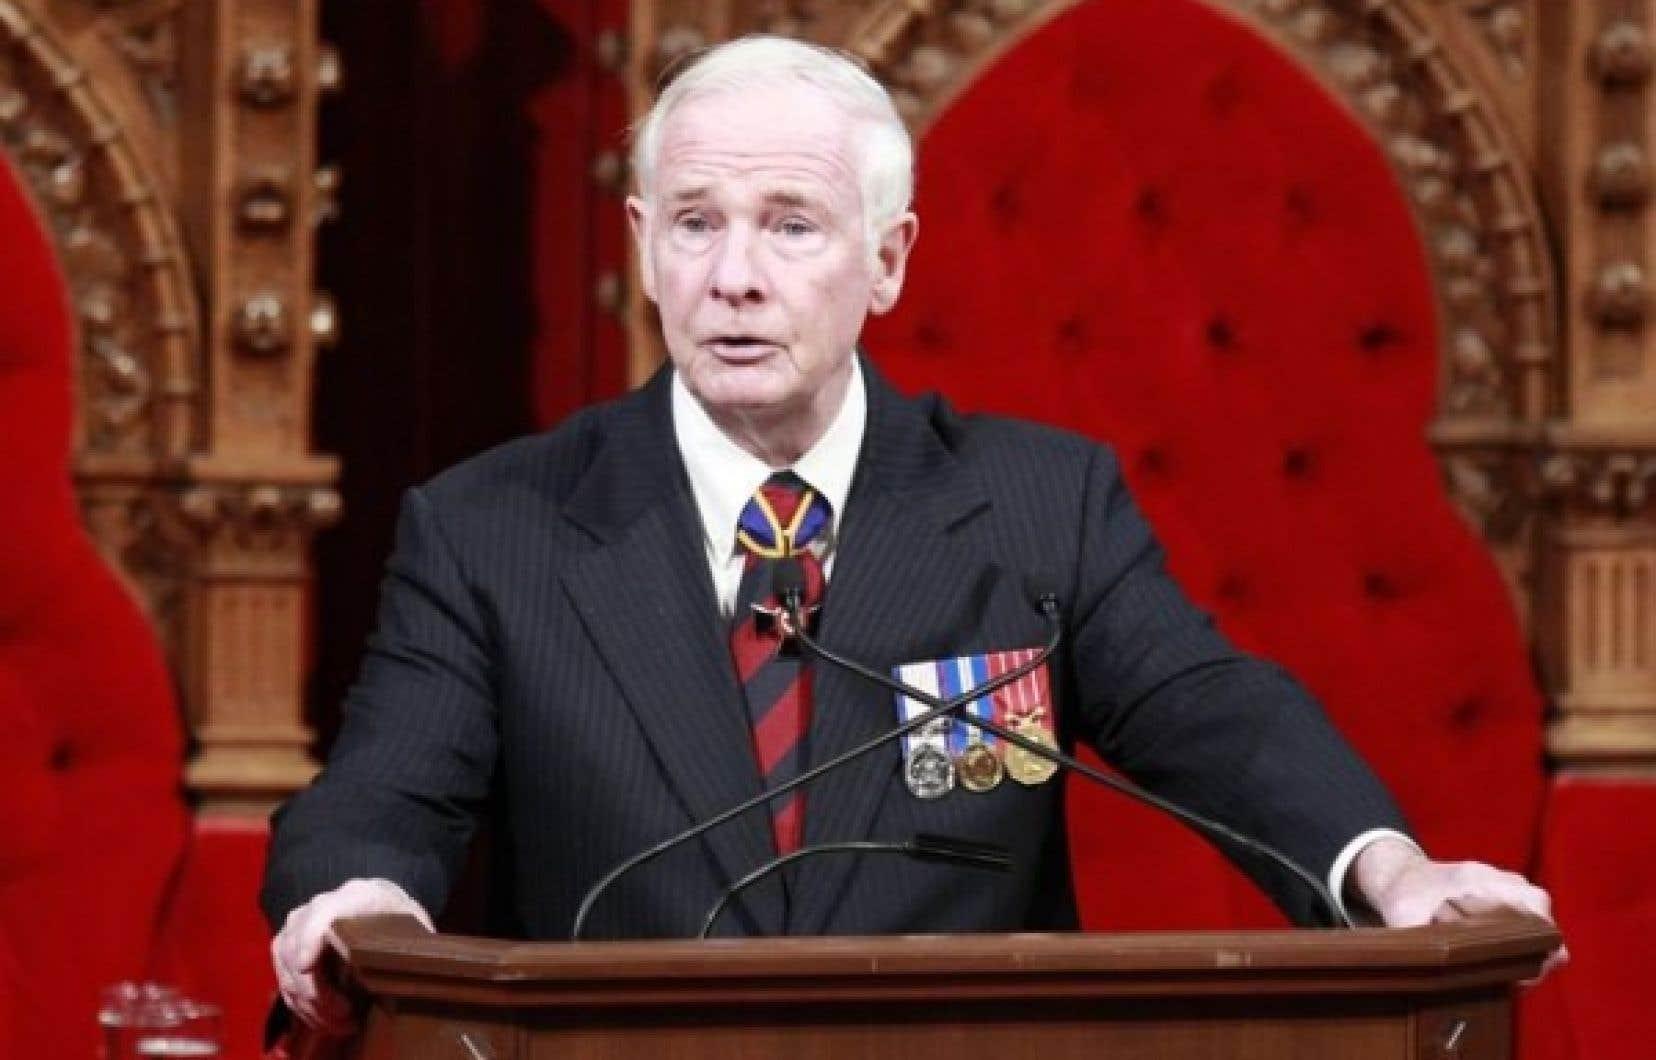 <div> Ottawa a d&eacute;cid&eacute; de doubler&nbsp;le salaire&nbsp;du gouverneur g&eacute;n&eacute;ral, David Johnston.</div>